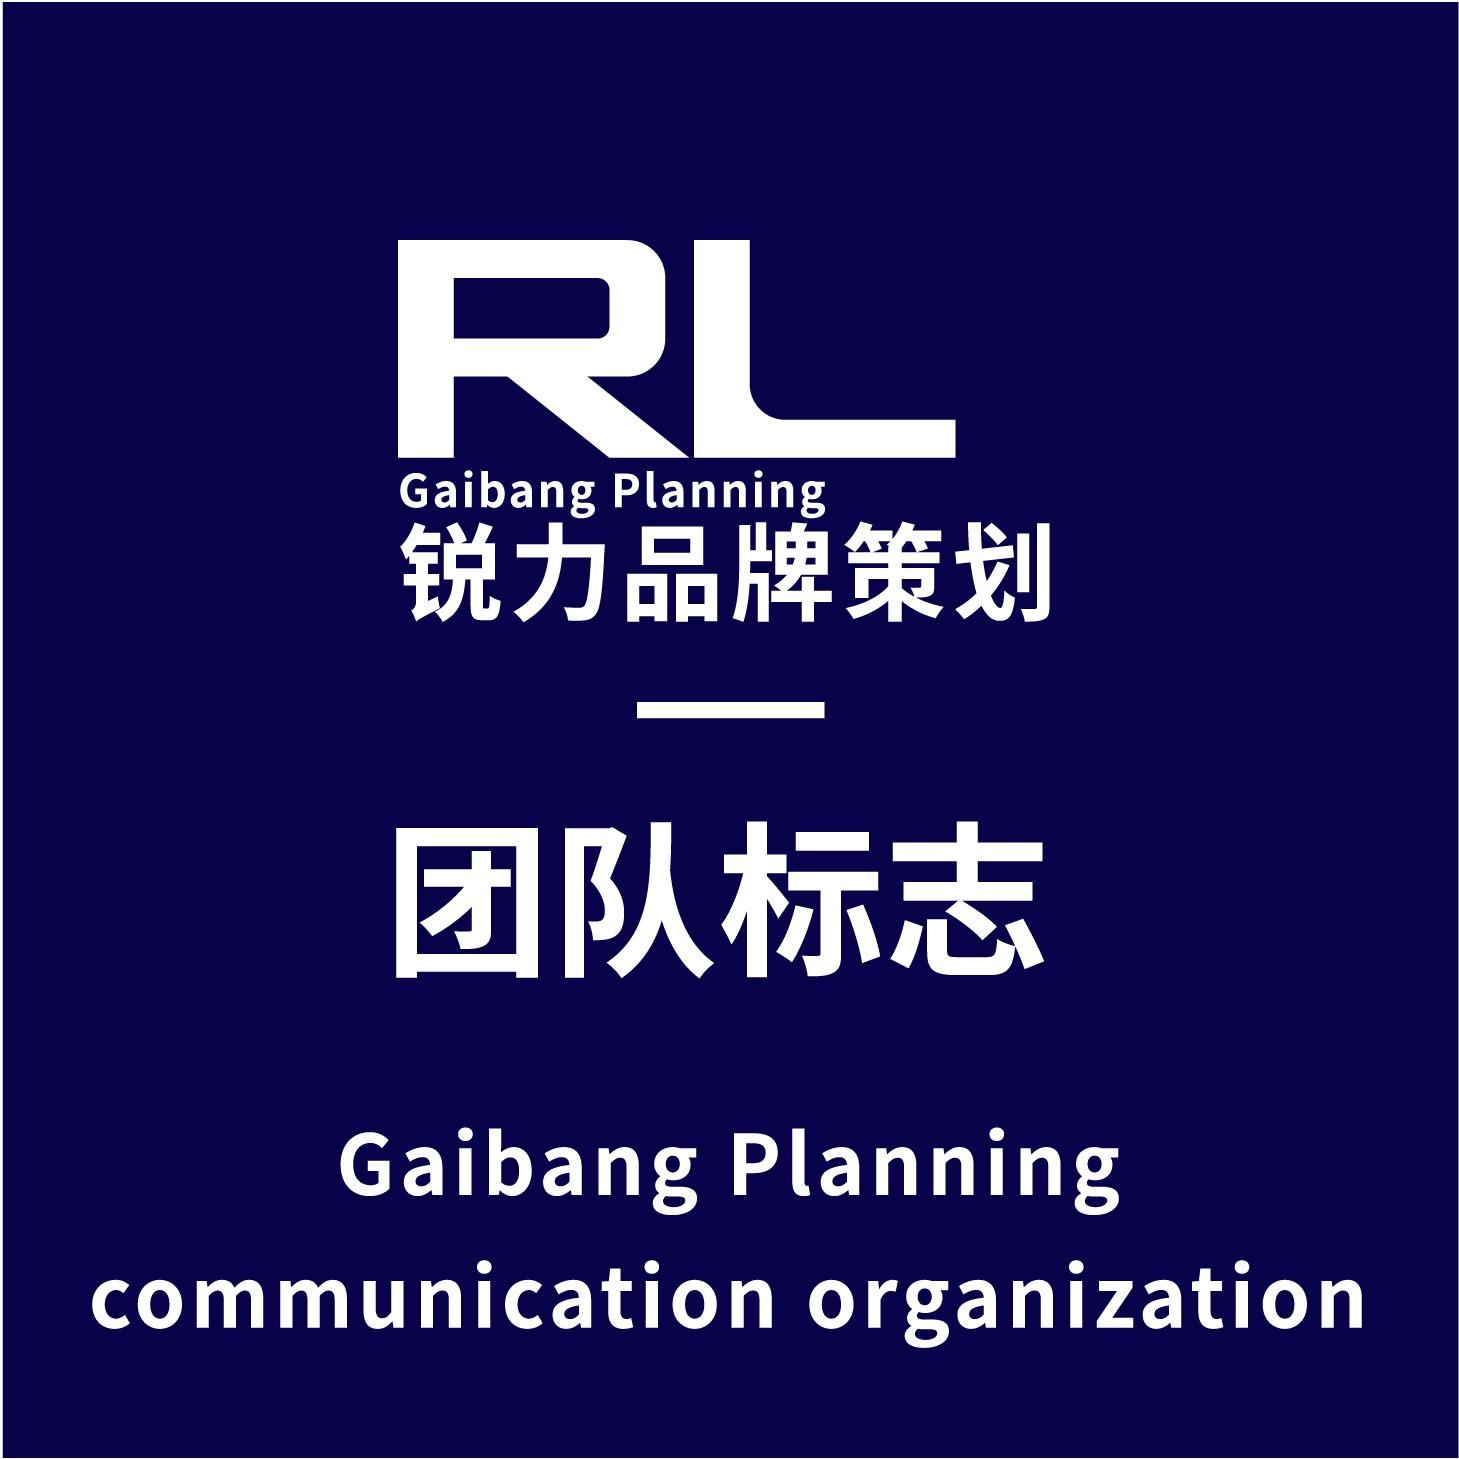 【团队标志】logo设计标志平面公司图标英文商标企业餐饮